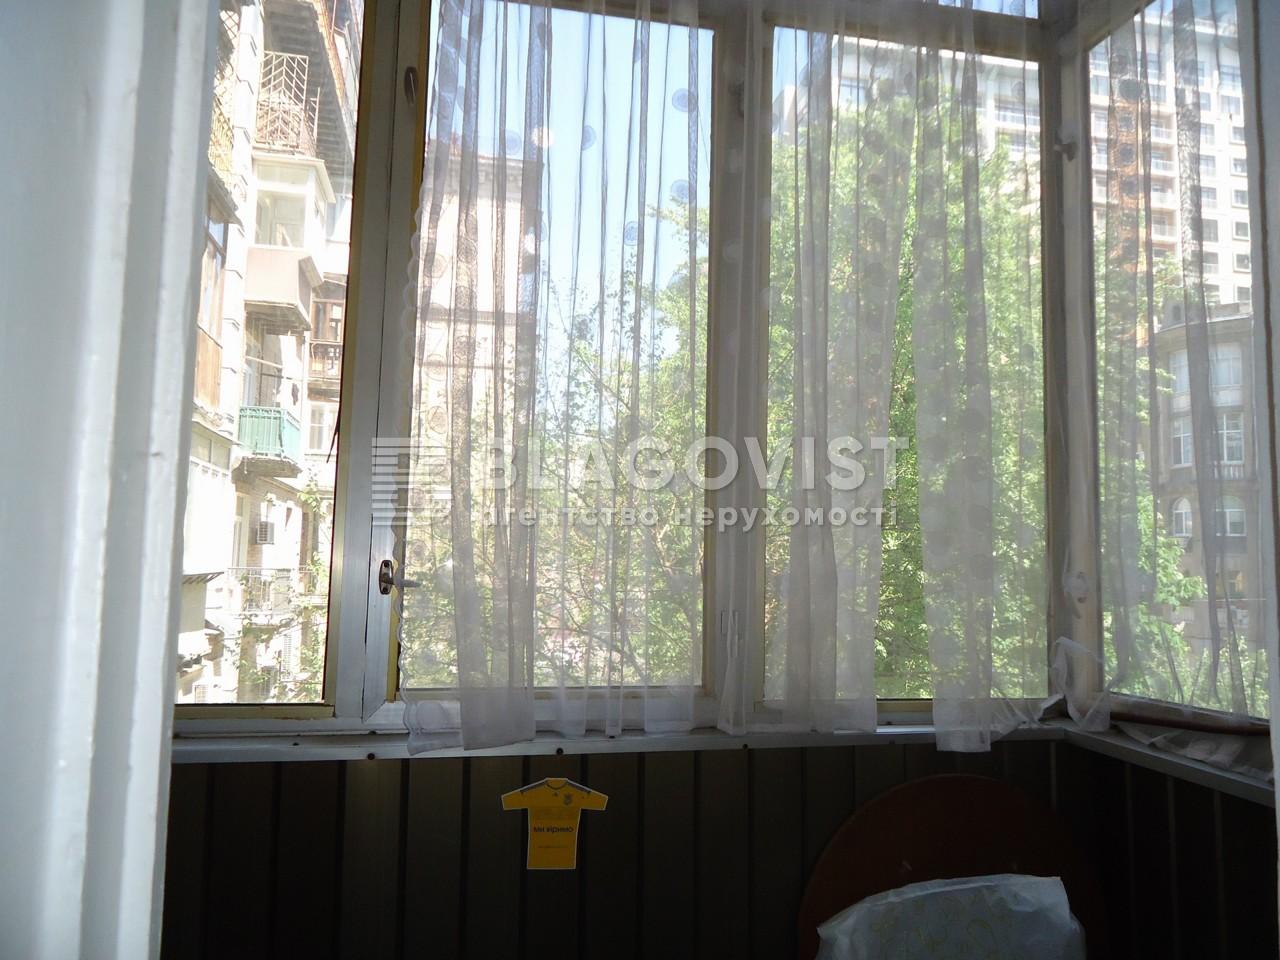 Квартира F-35409, Крещатик, 29, Киев - Фото 11